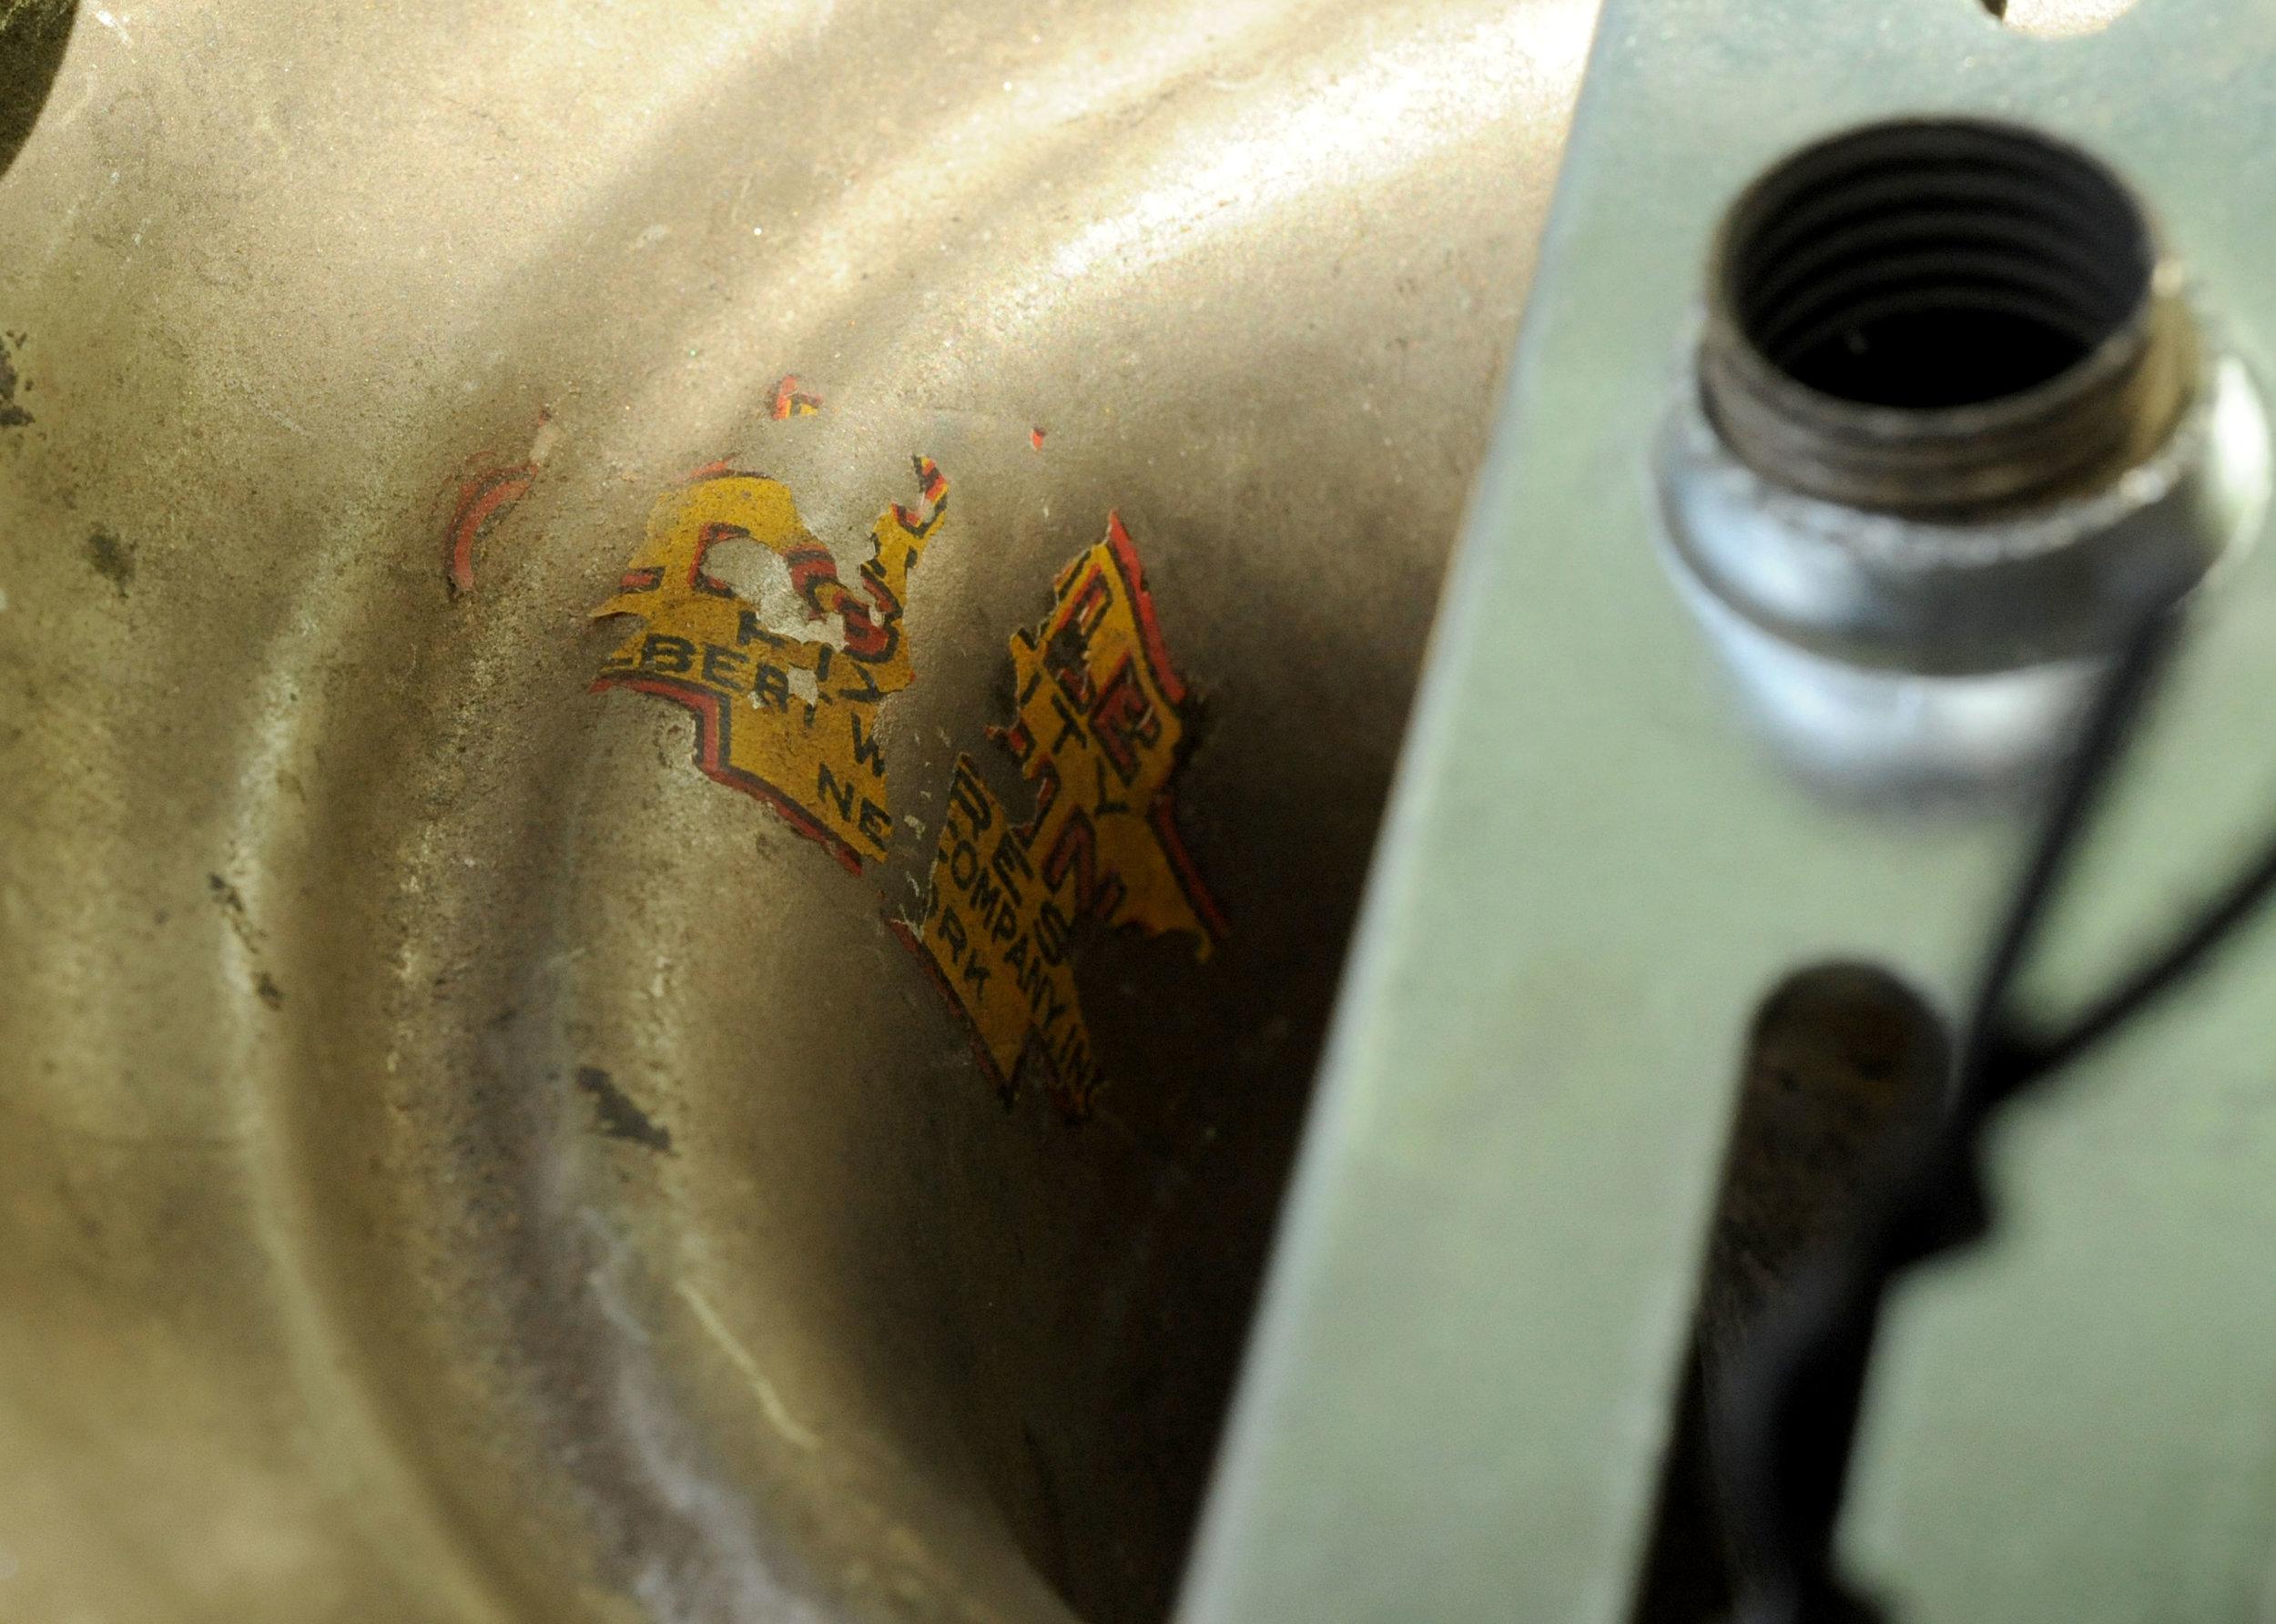 46884-silver-chandelier-makers-mark.jpg